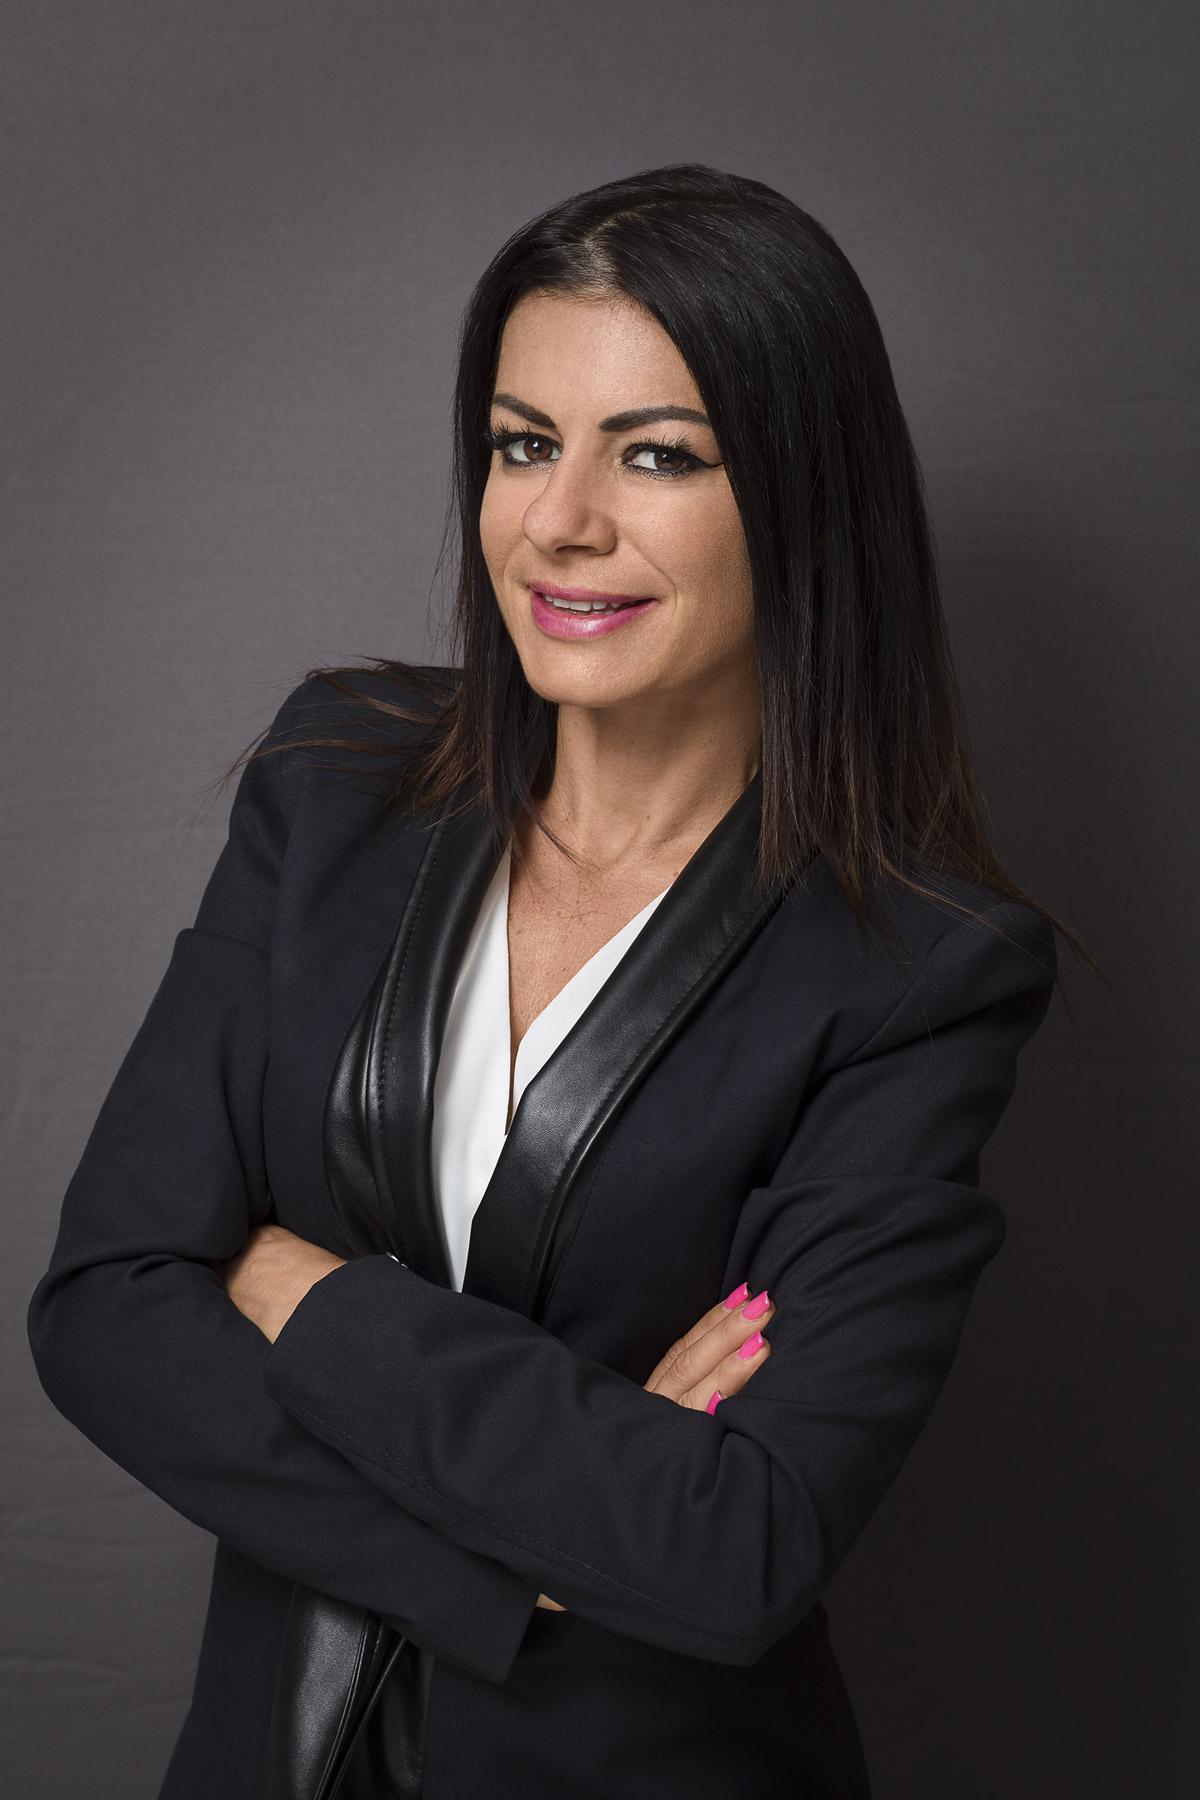 Ritratto Professionale di donna imprenditrice - Fotografia - Foto Aziendale - Omar Viara Fotografo a Torino